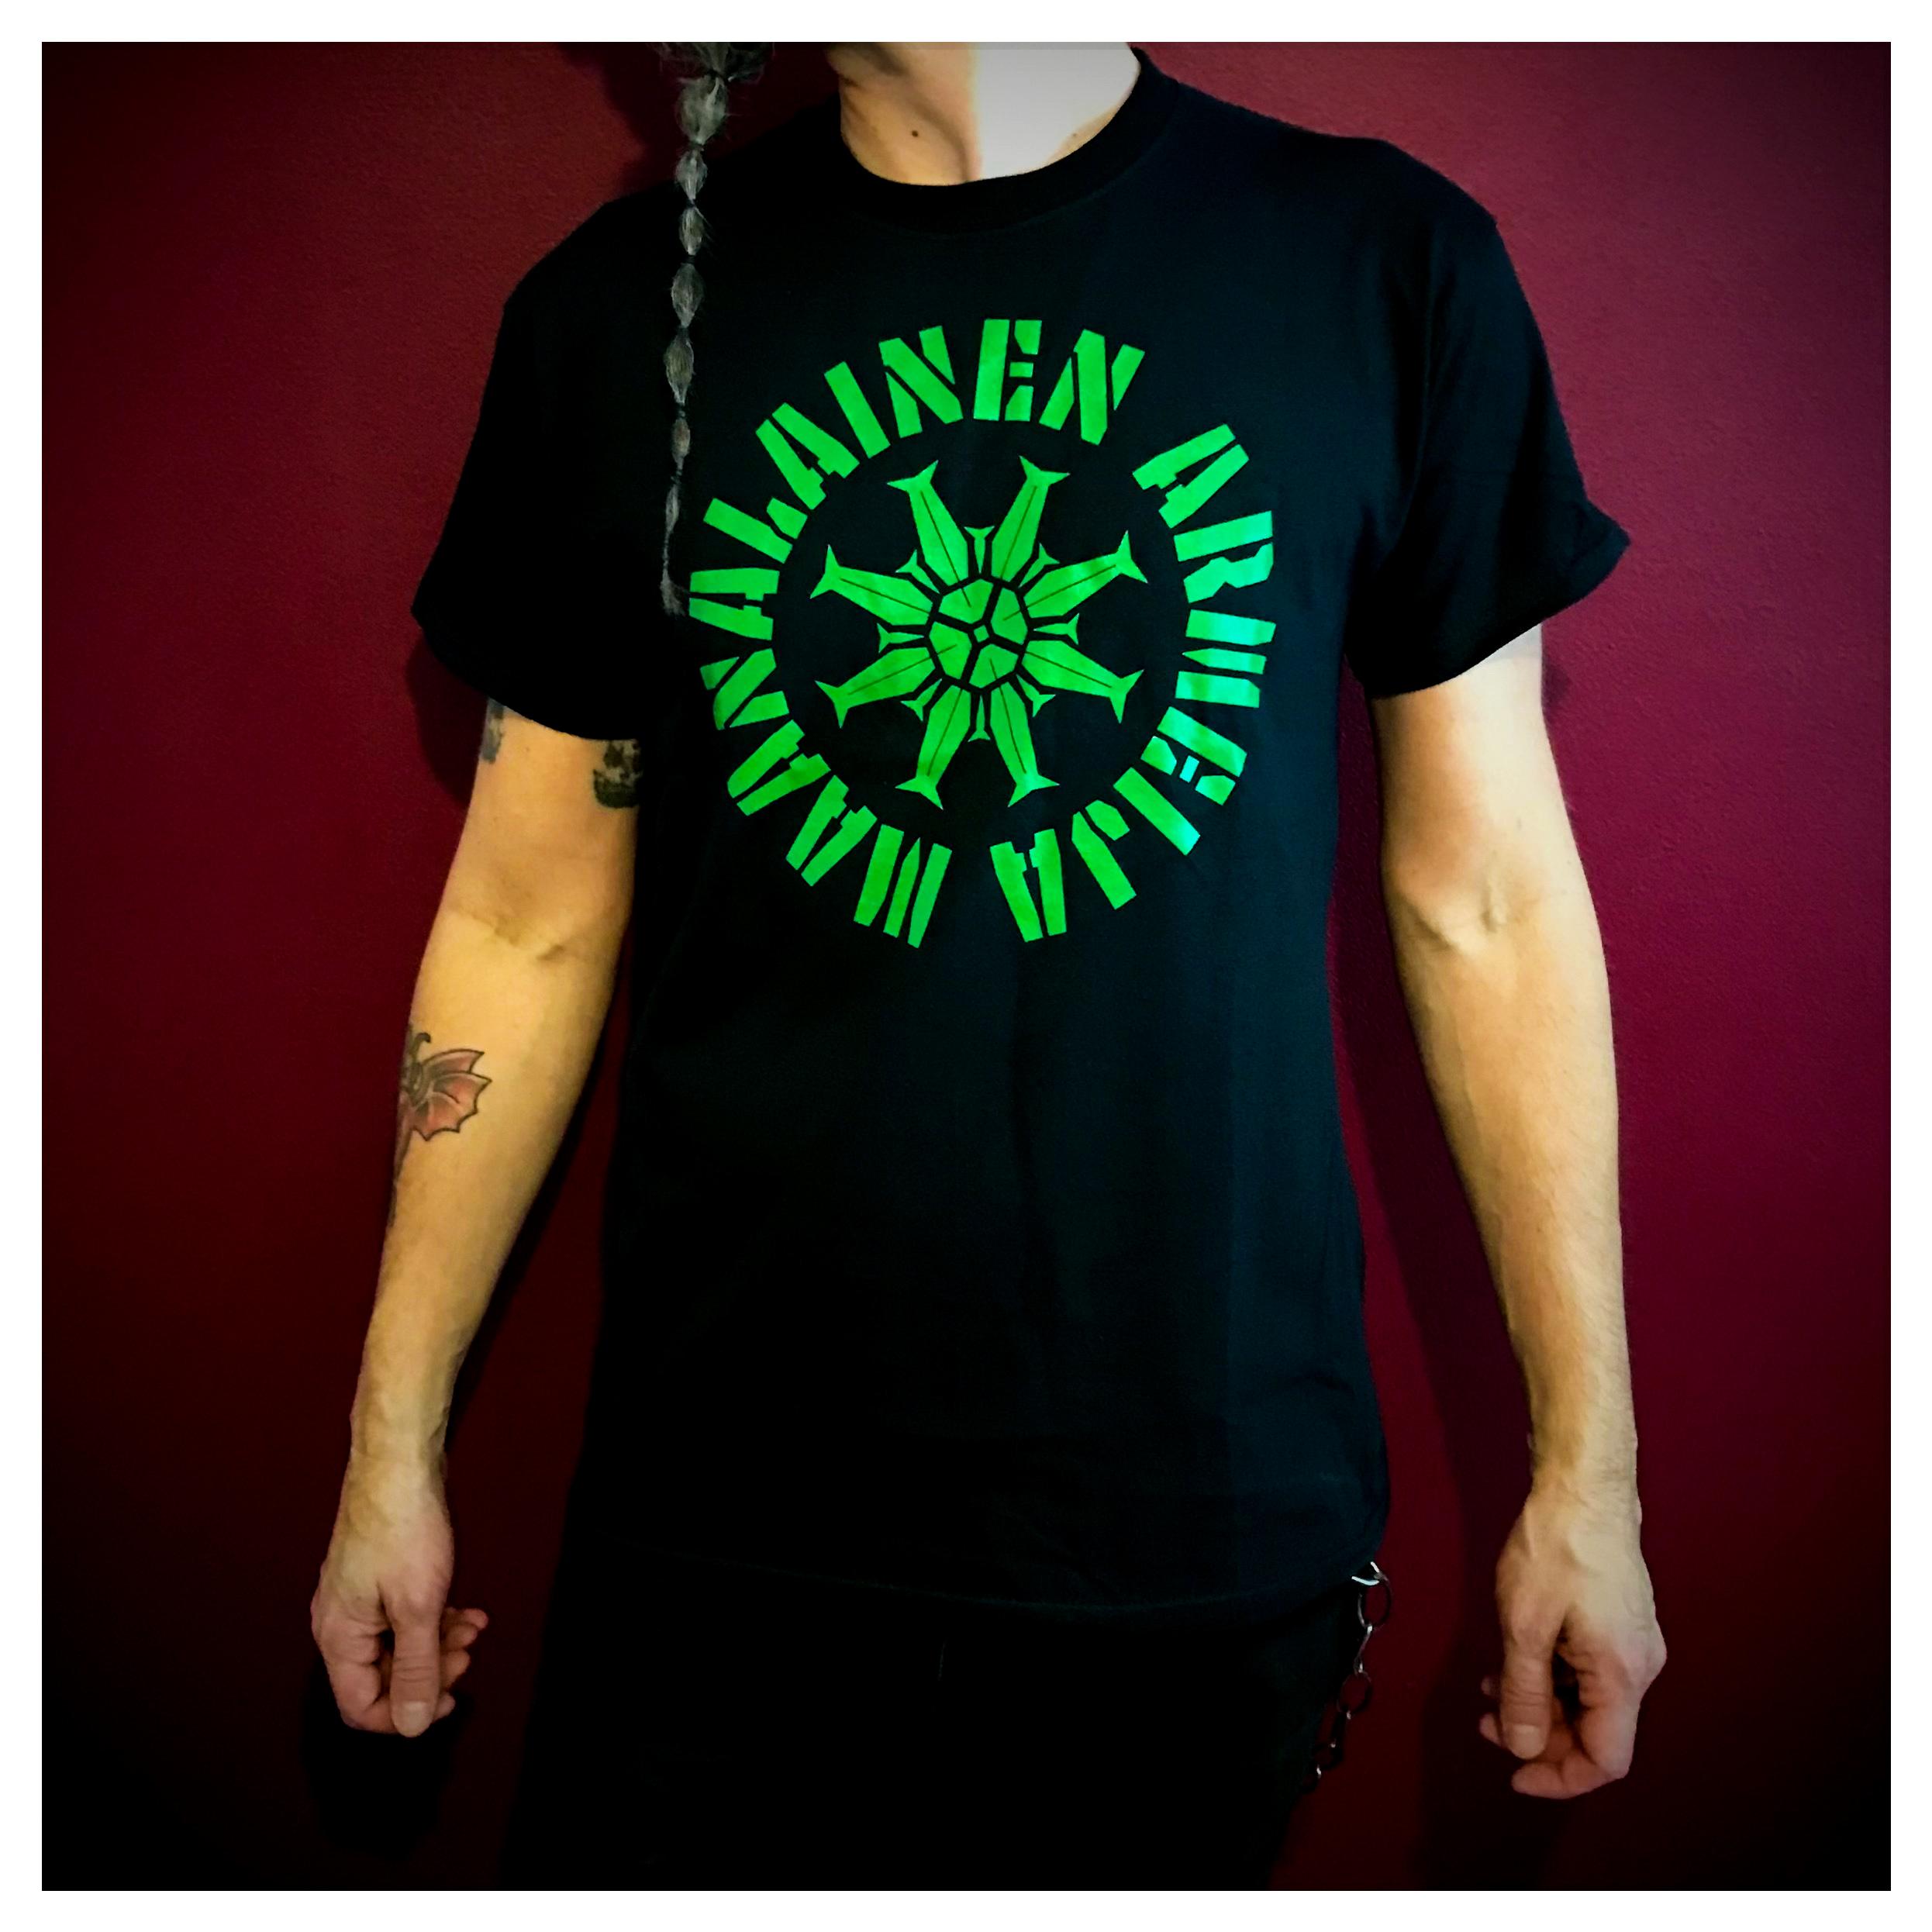 Maanalainen Armeija T-paita (vihreä logo)